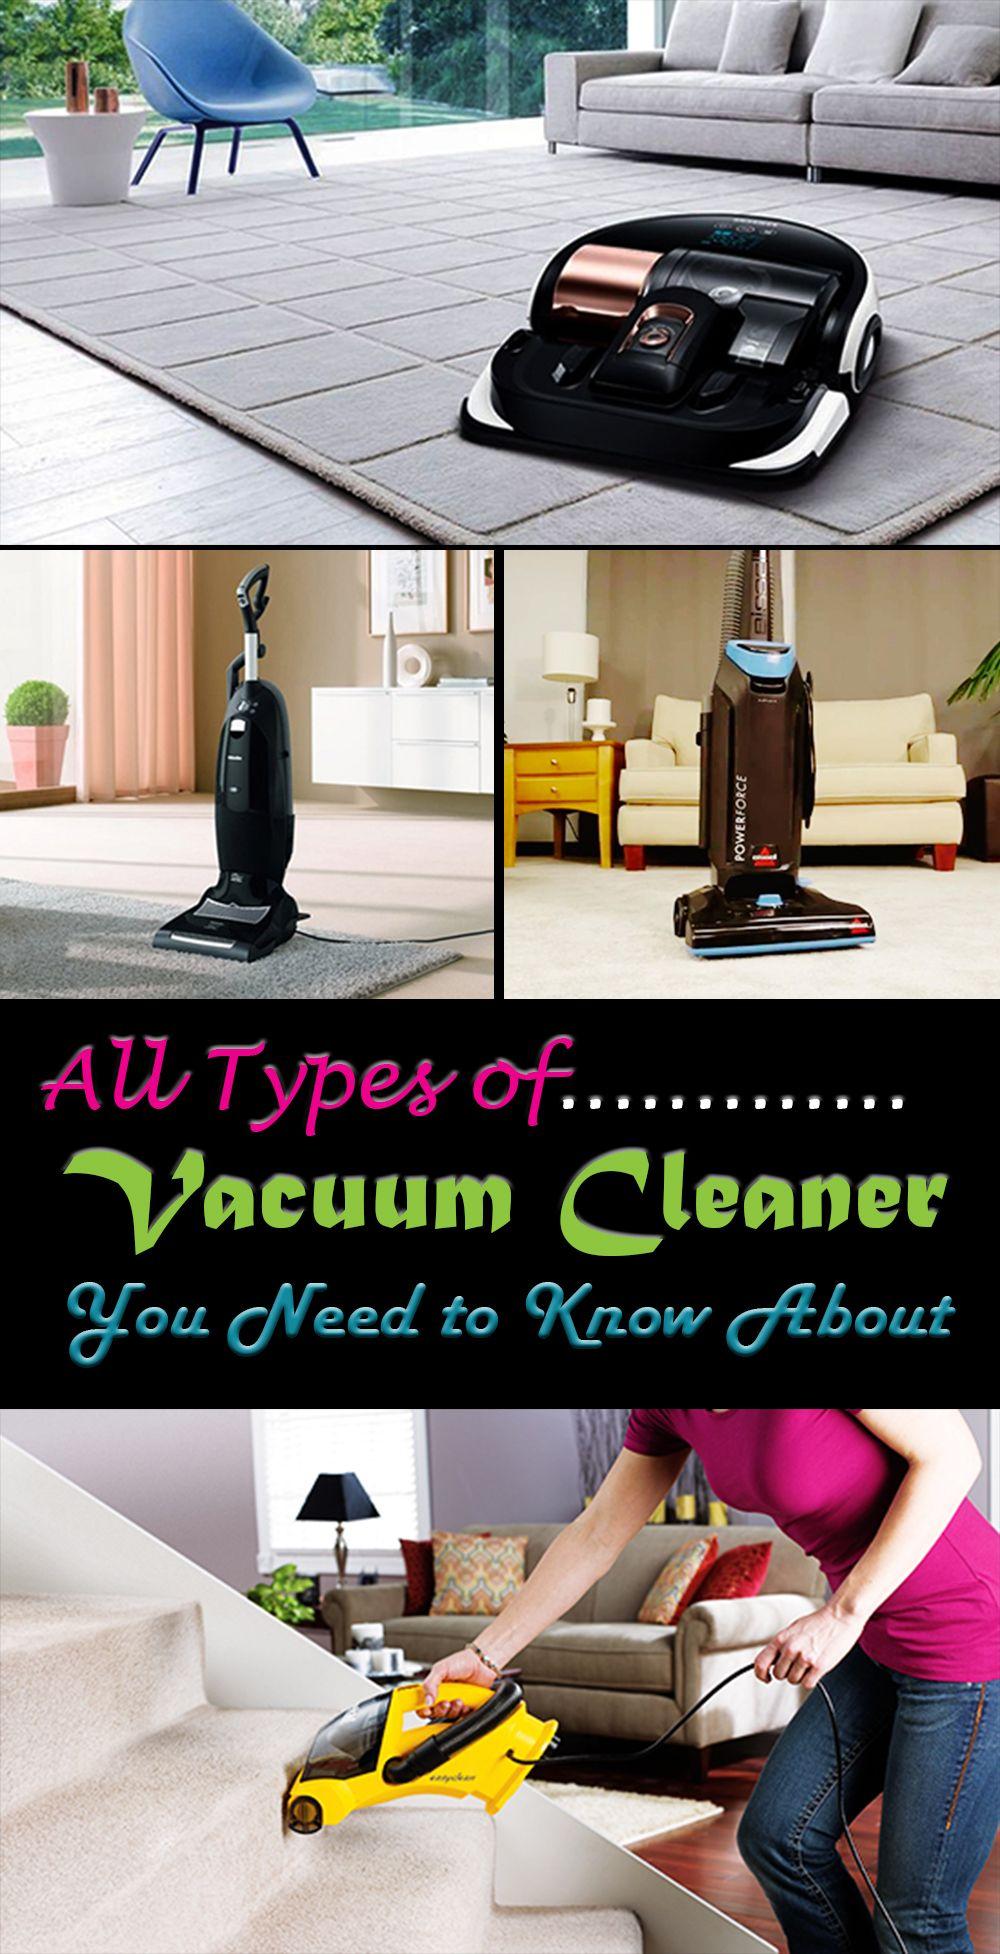 Park Art|My WordPress Blog_In Floor Pool Cleaning System Vs Vacuum